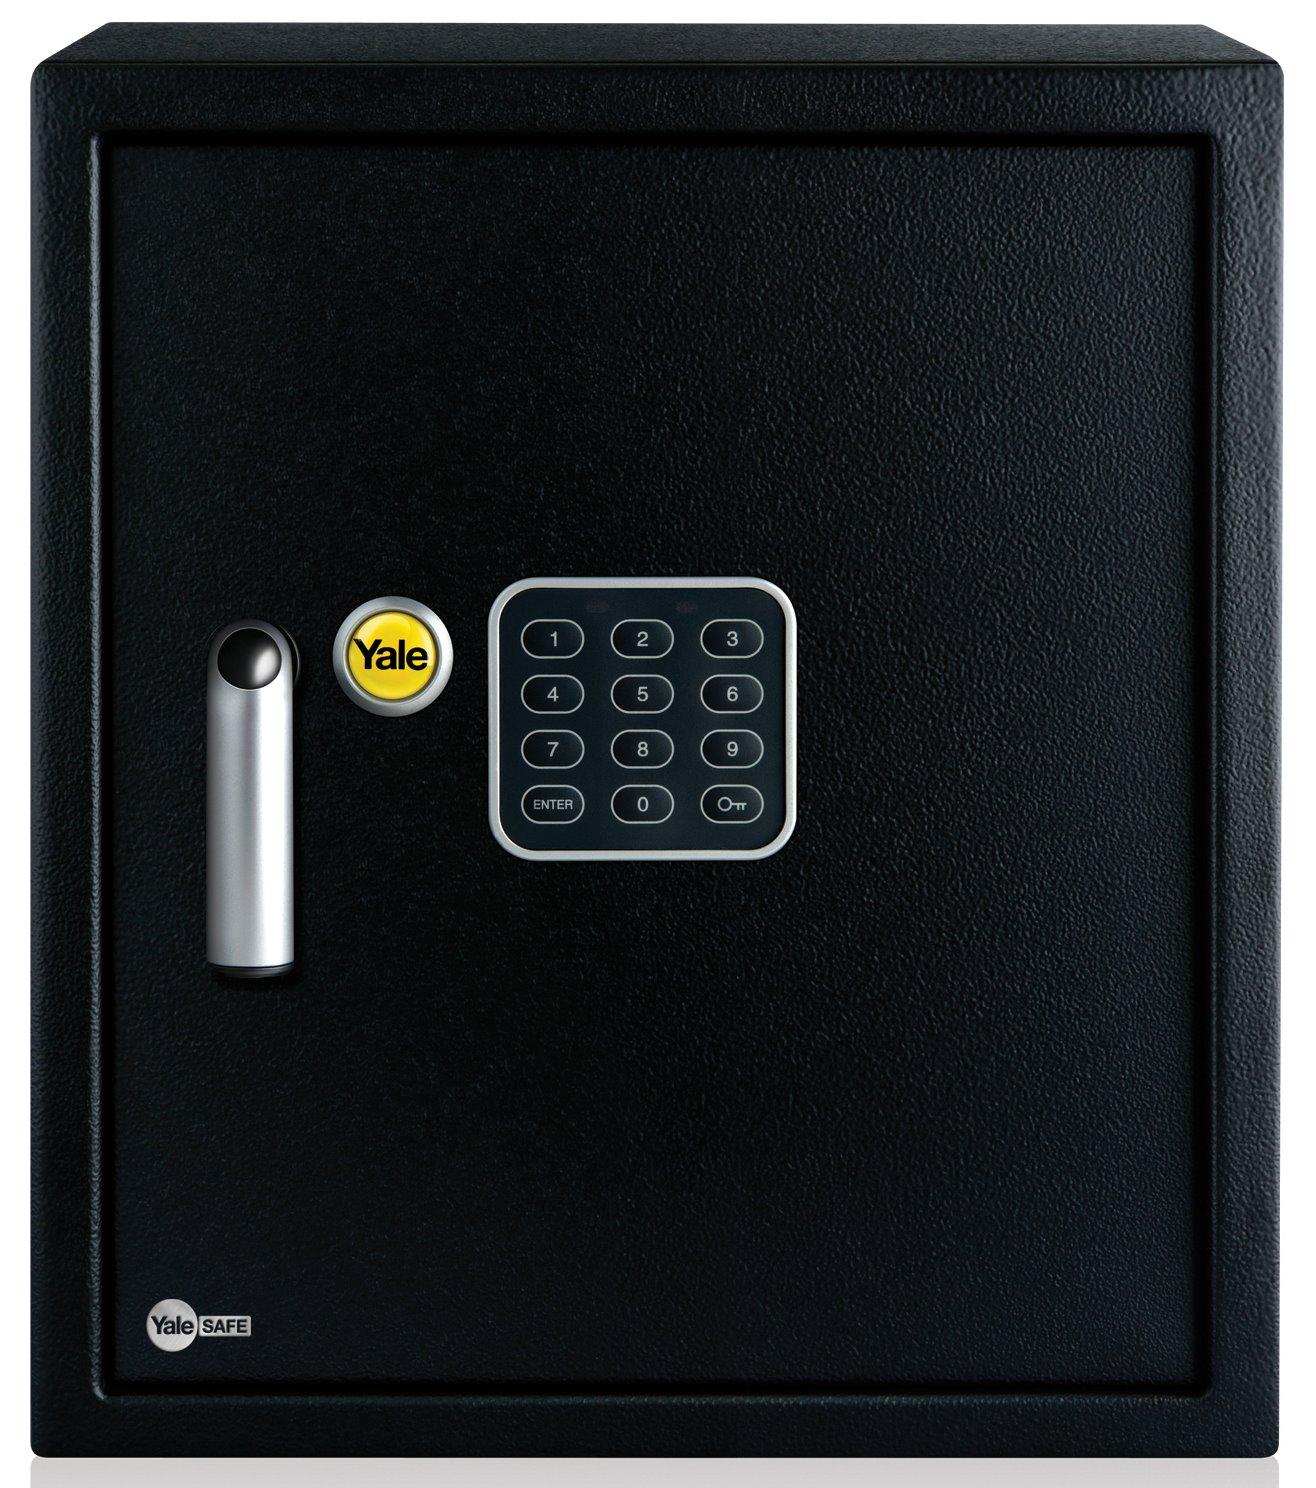 ysv 390 db1 yale home electronic safe box large. Black Bedroom Furniture Sets. Home Design Ideas